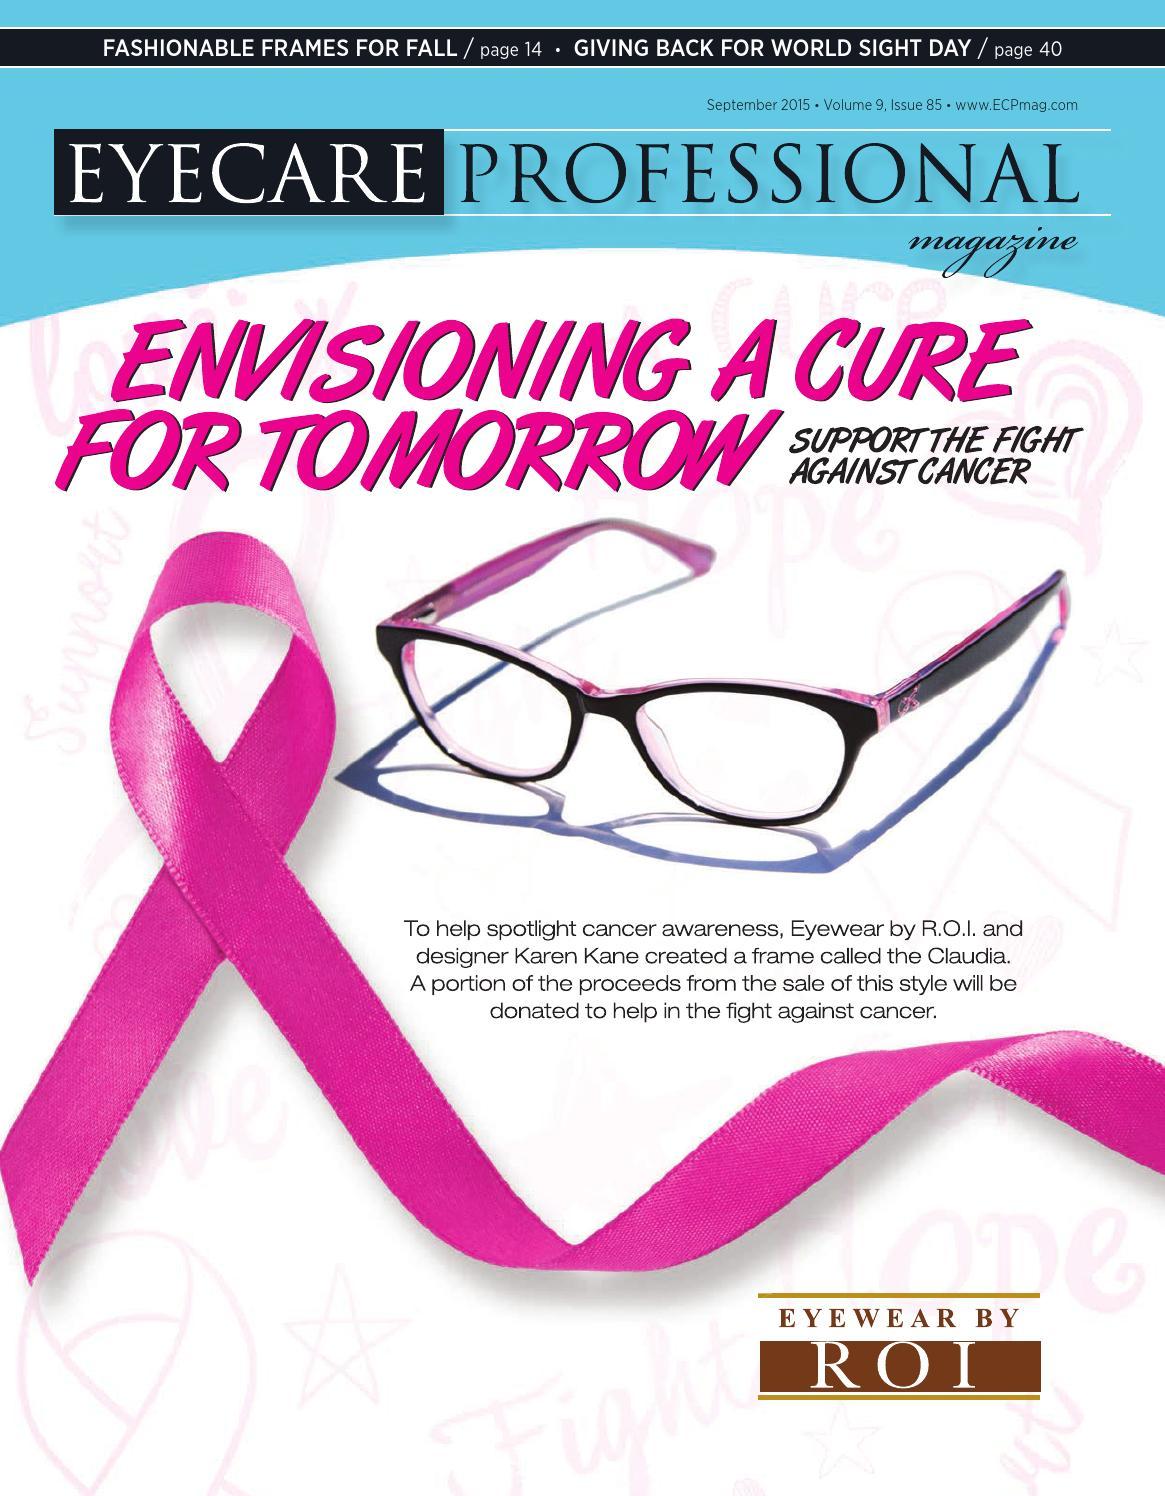 Eye care professional magazine september 2015 issue by ecp eye care professional magazine september 2015 issue by ecp magazine issuu geenschuldenfo Choice Image